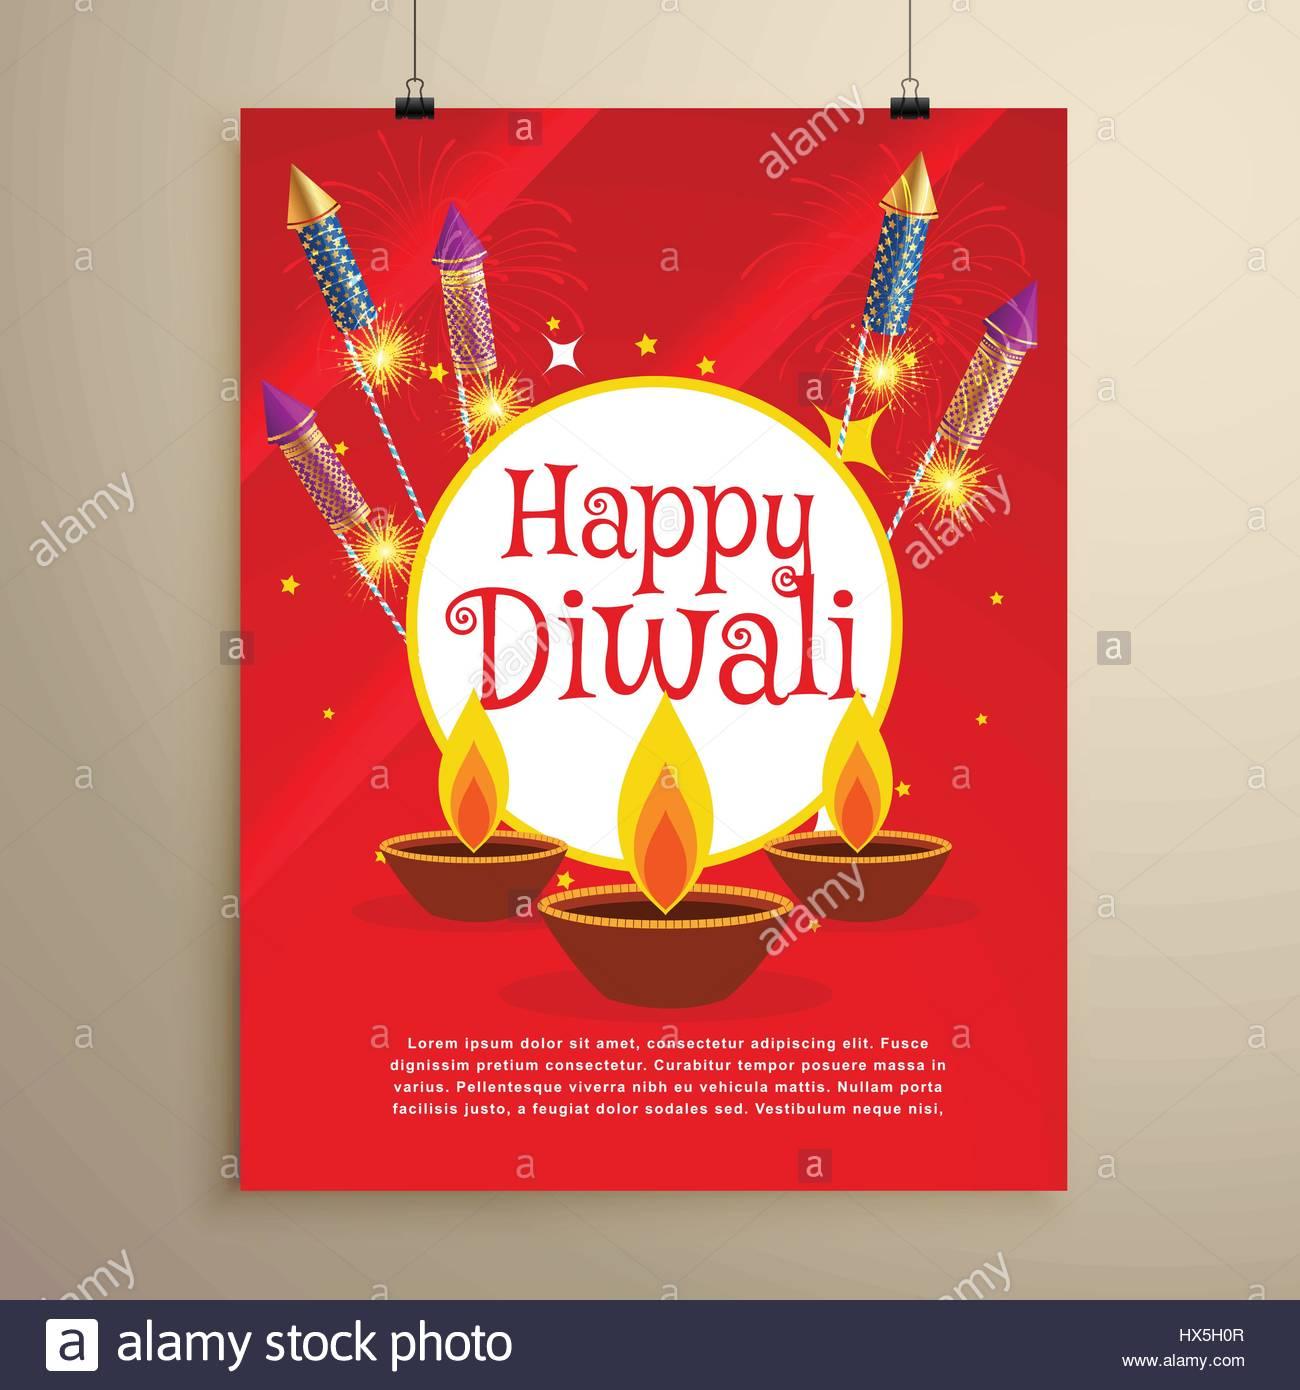 Happy diwali festival greeting card invitation template design stock happy diwali festival greeting card invitation template design stopboris Gallery